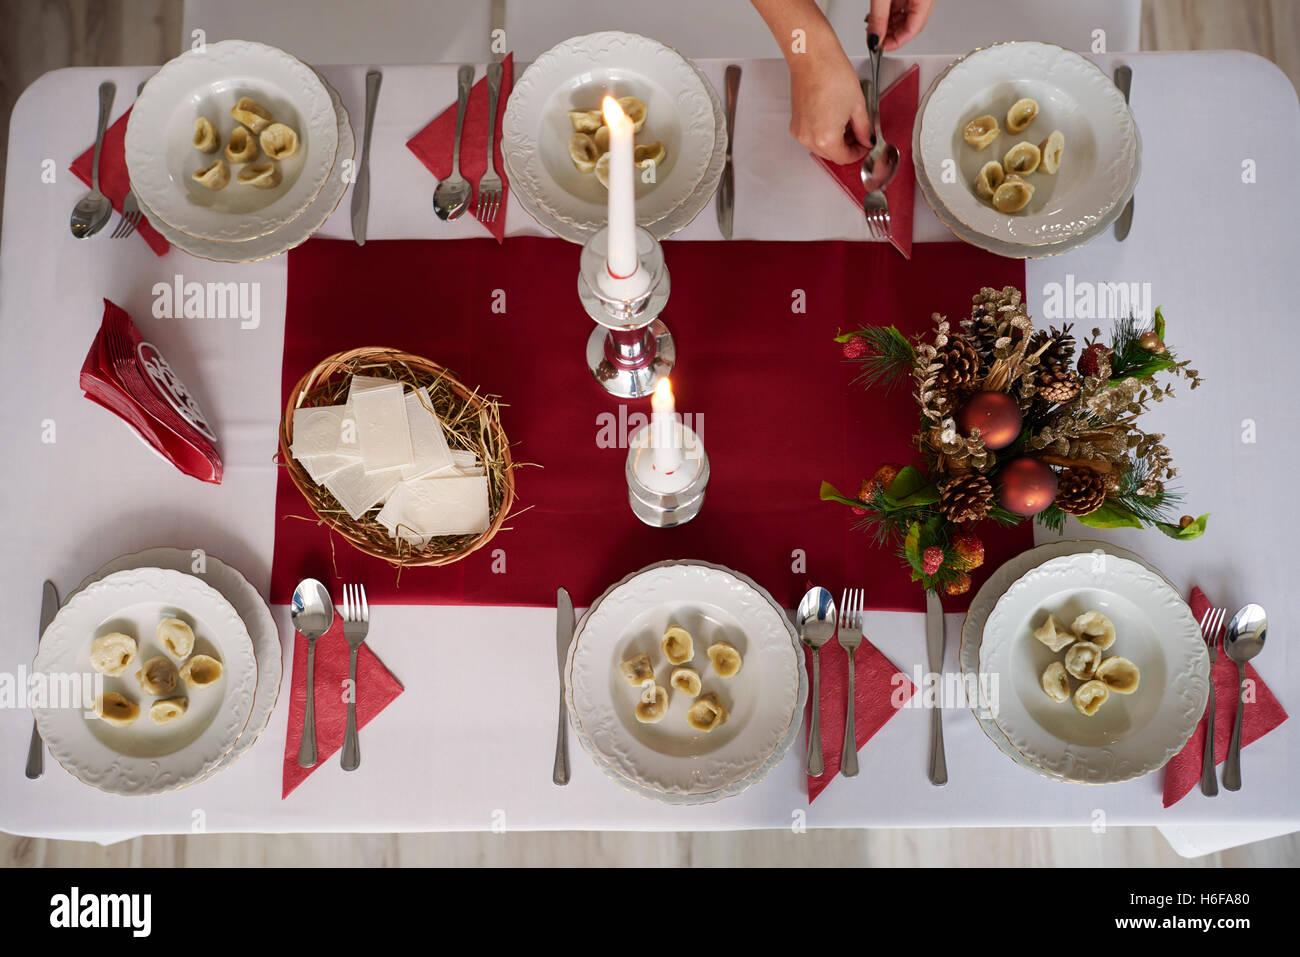 High angle view on Christmas Eve - Stock Image